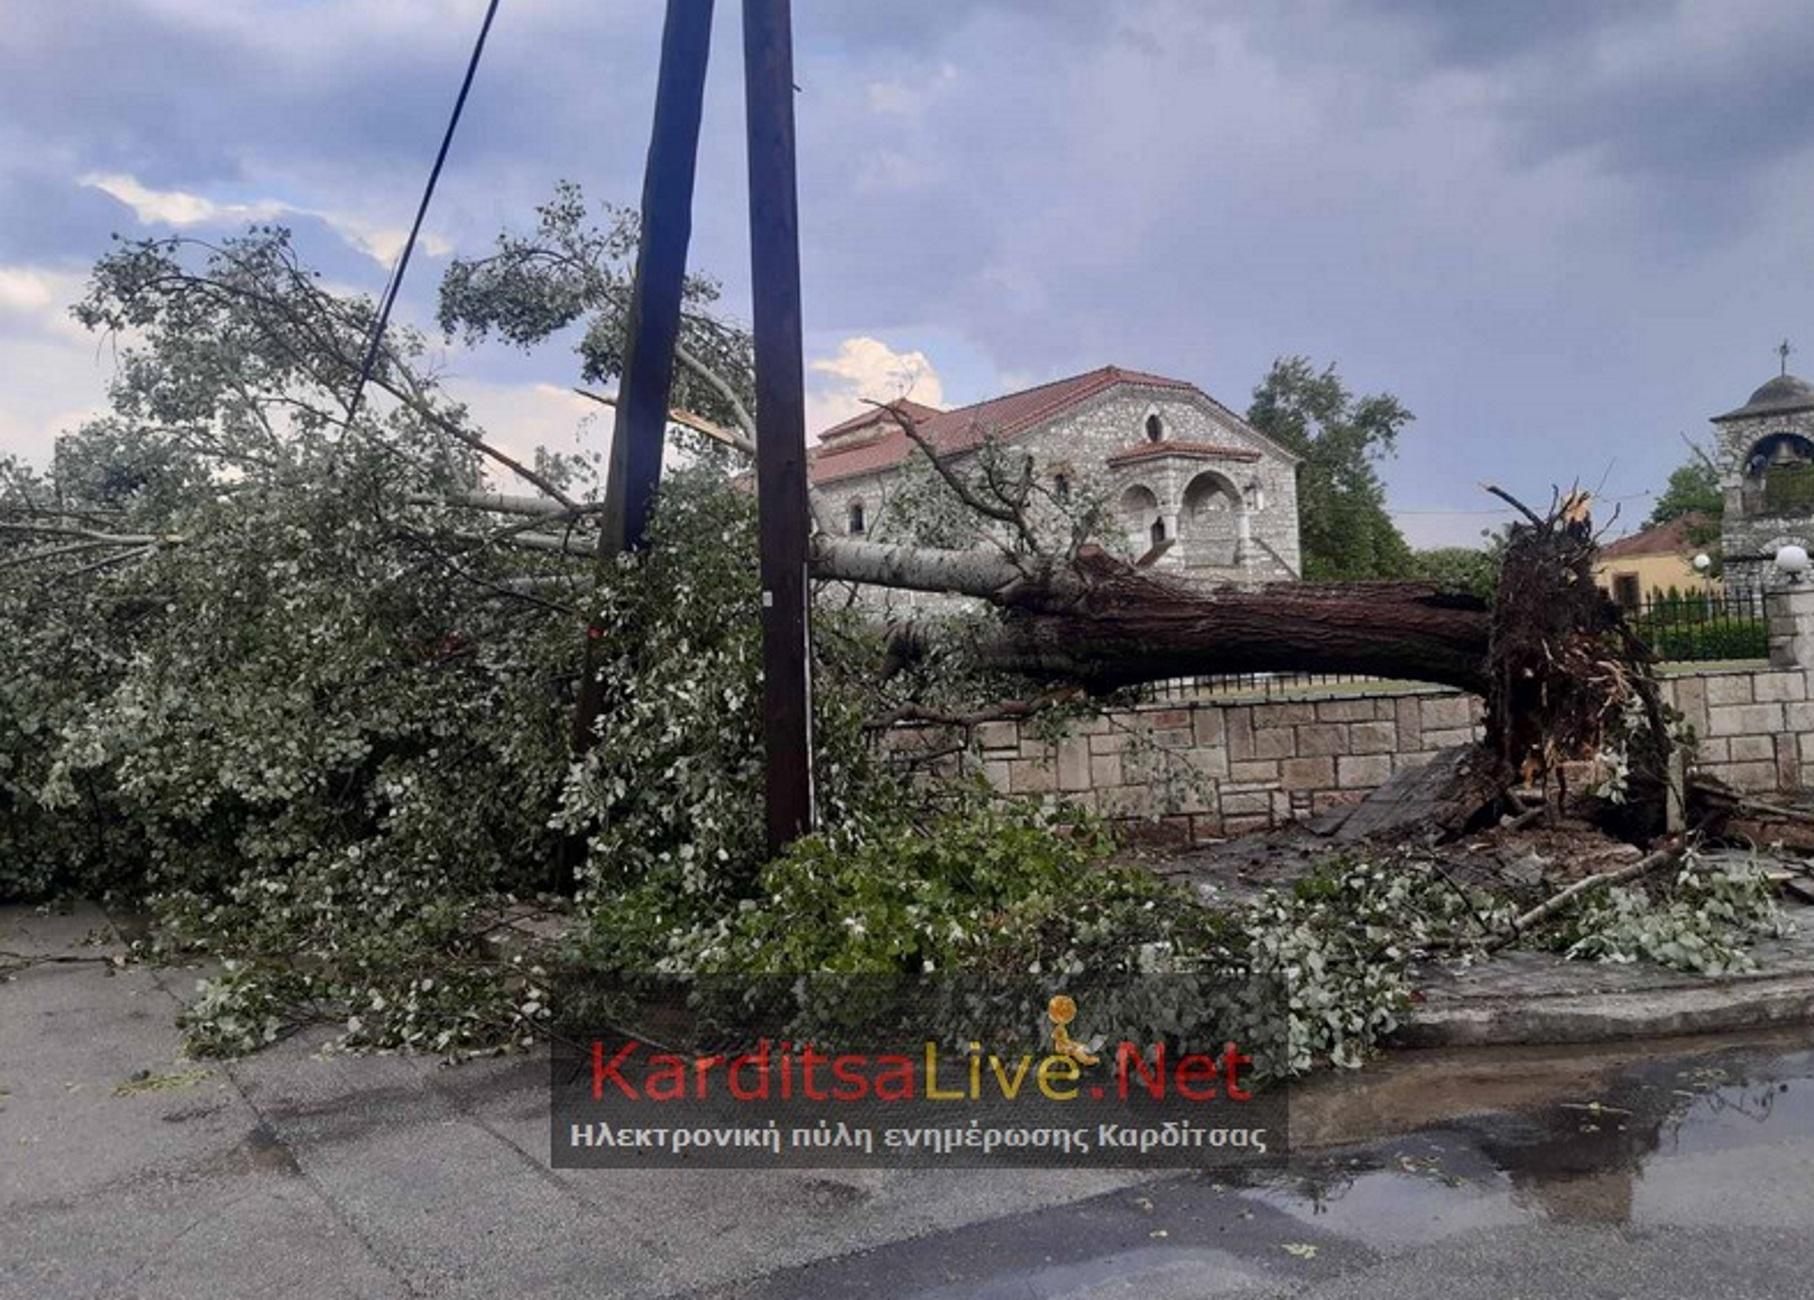 Καρδίτσα: Μπουρίνι ξήλωσε σκεπές και άφησε τον Παλαμά δίχως ρεύμα – Δείτε τις εικόνες καταστροφής